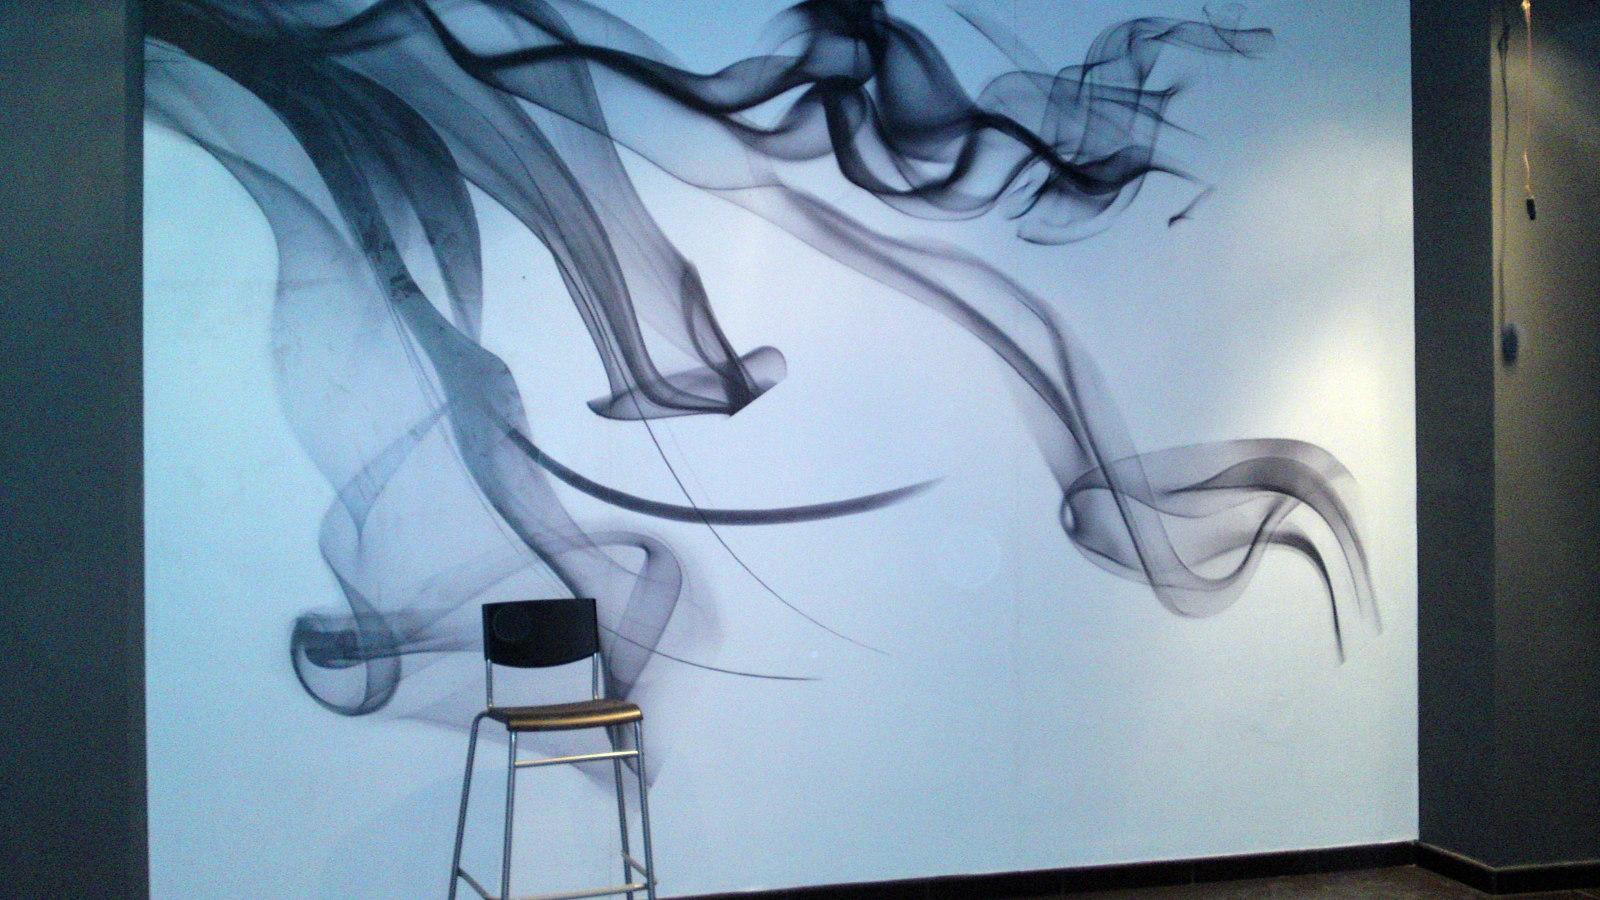 Foto mural personalizado en cafeteria de al rotulacion for Mural pared personalizado